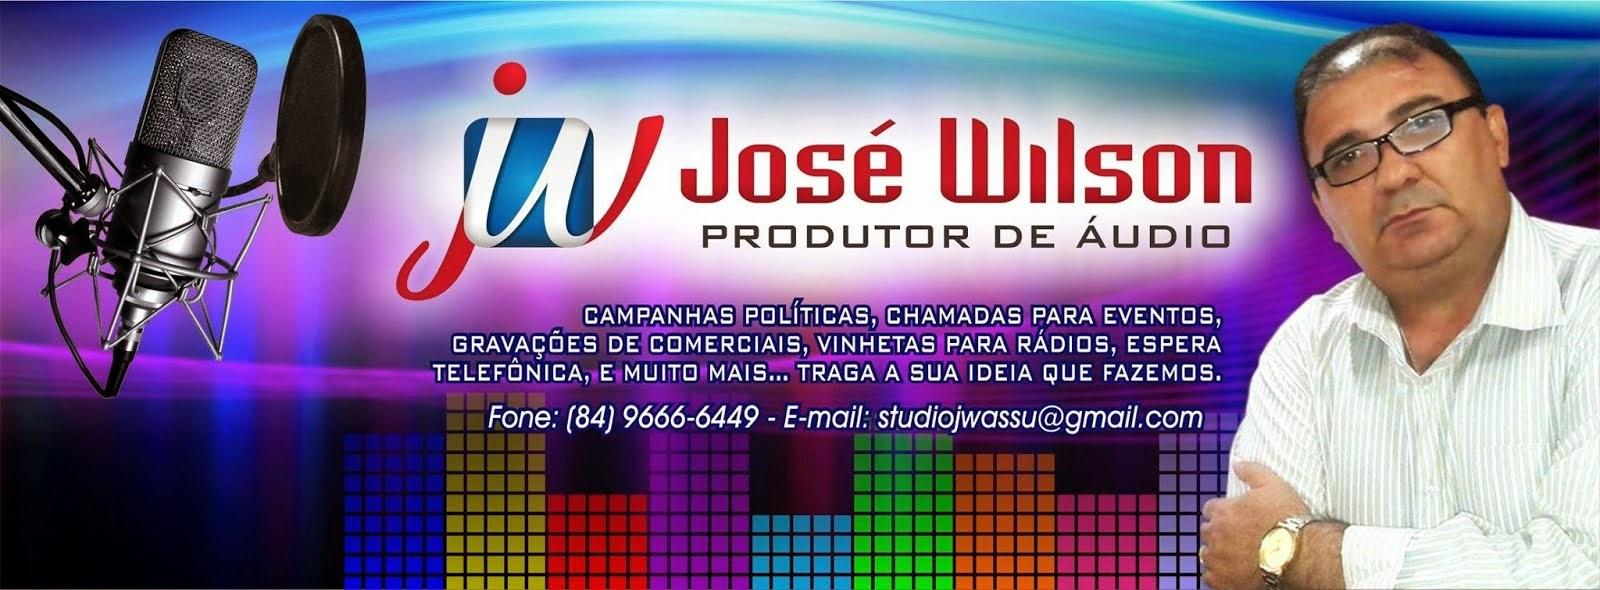 José Wilson Produtor de Áudio